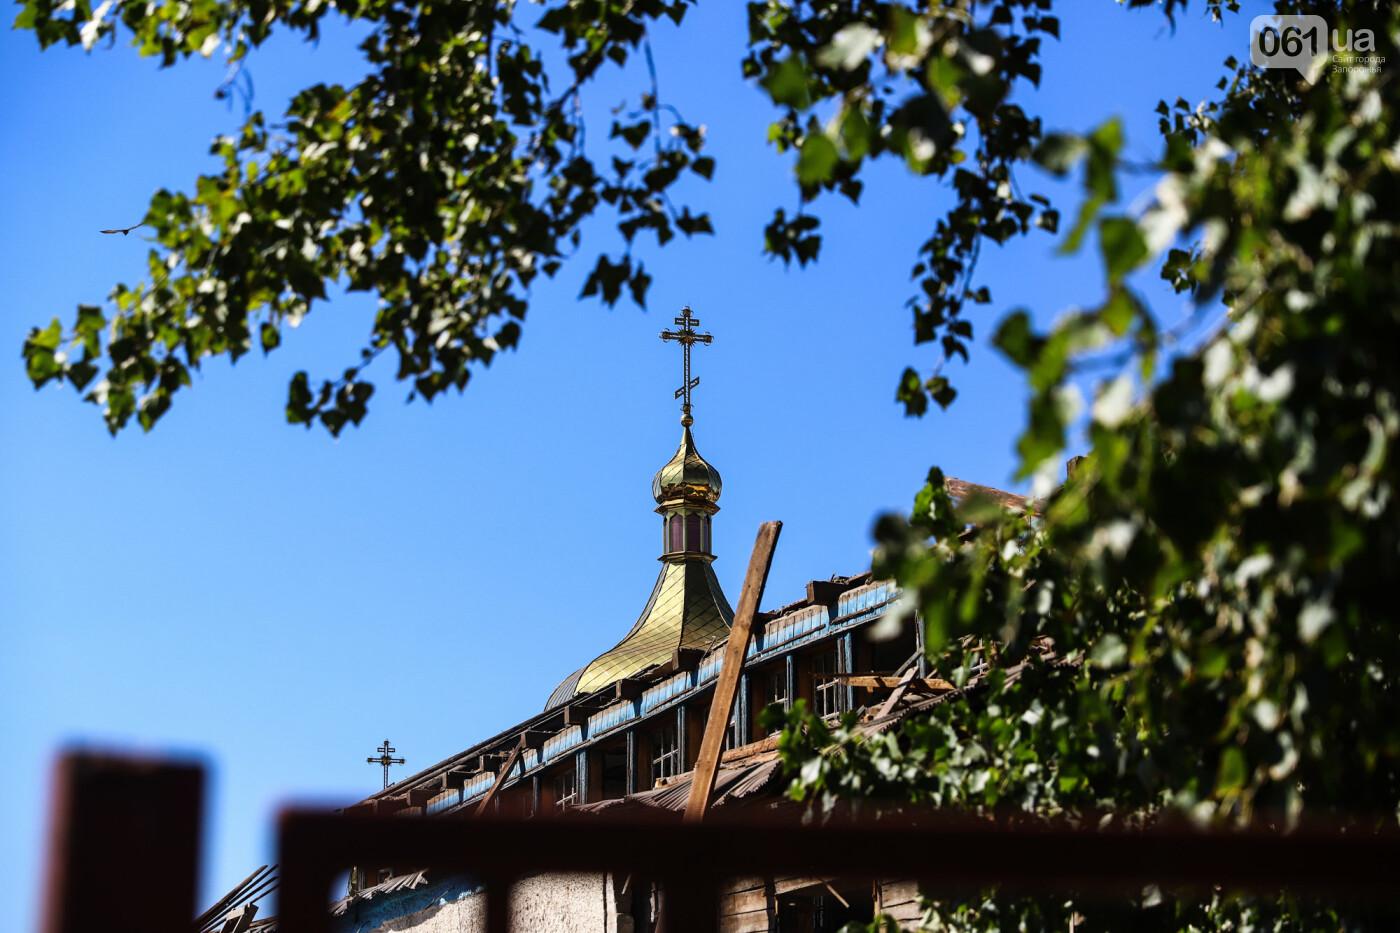 """""""Дело пономарей"""": в Запорожье начали разбирать храм, который пострадал в результате взрыва, - ФОТОРЕПОРТАЖ, фото-17"""